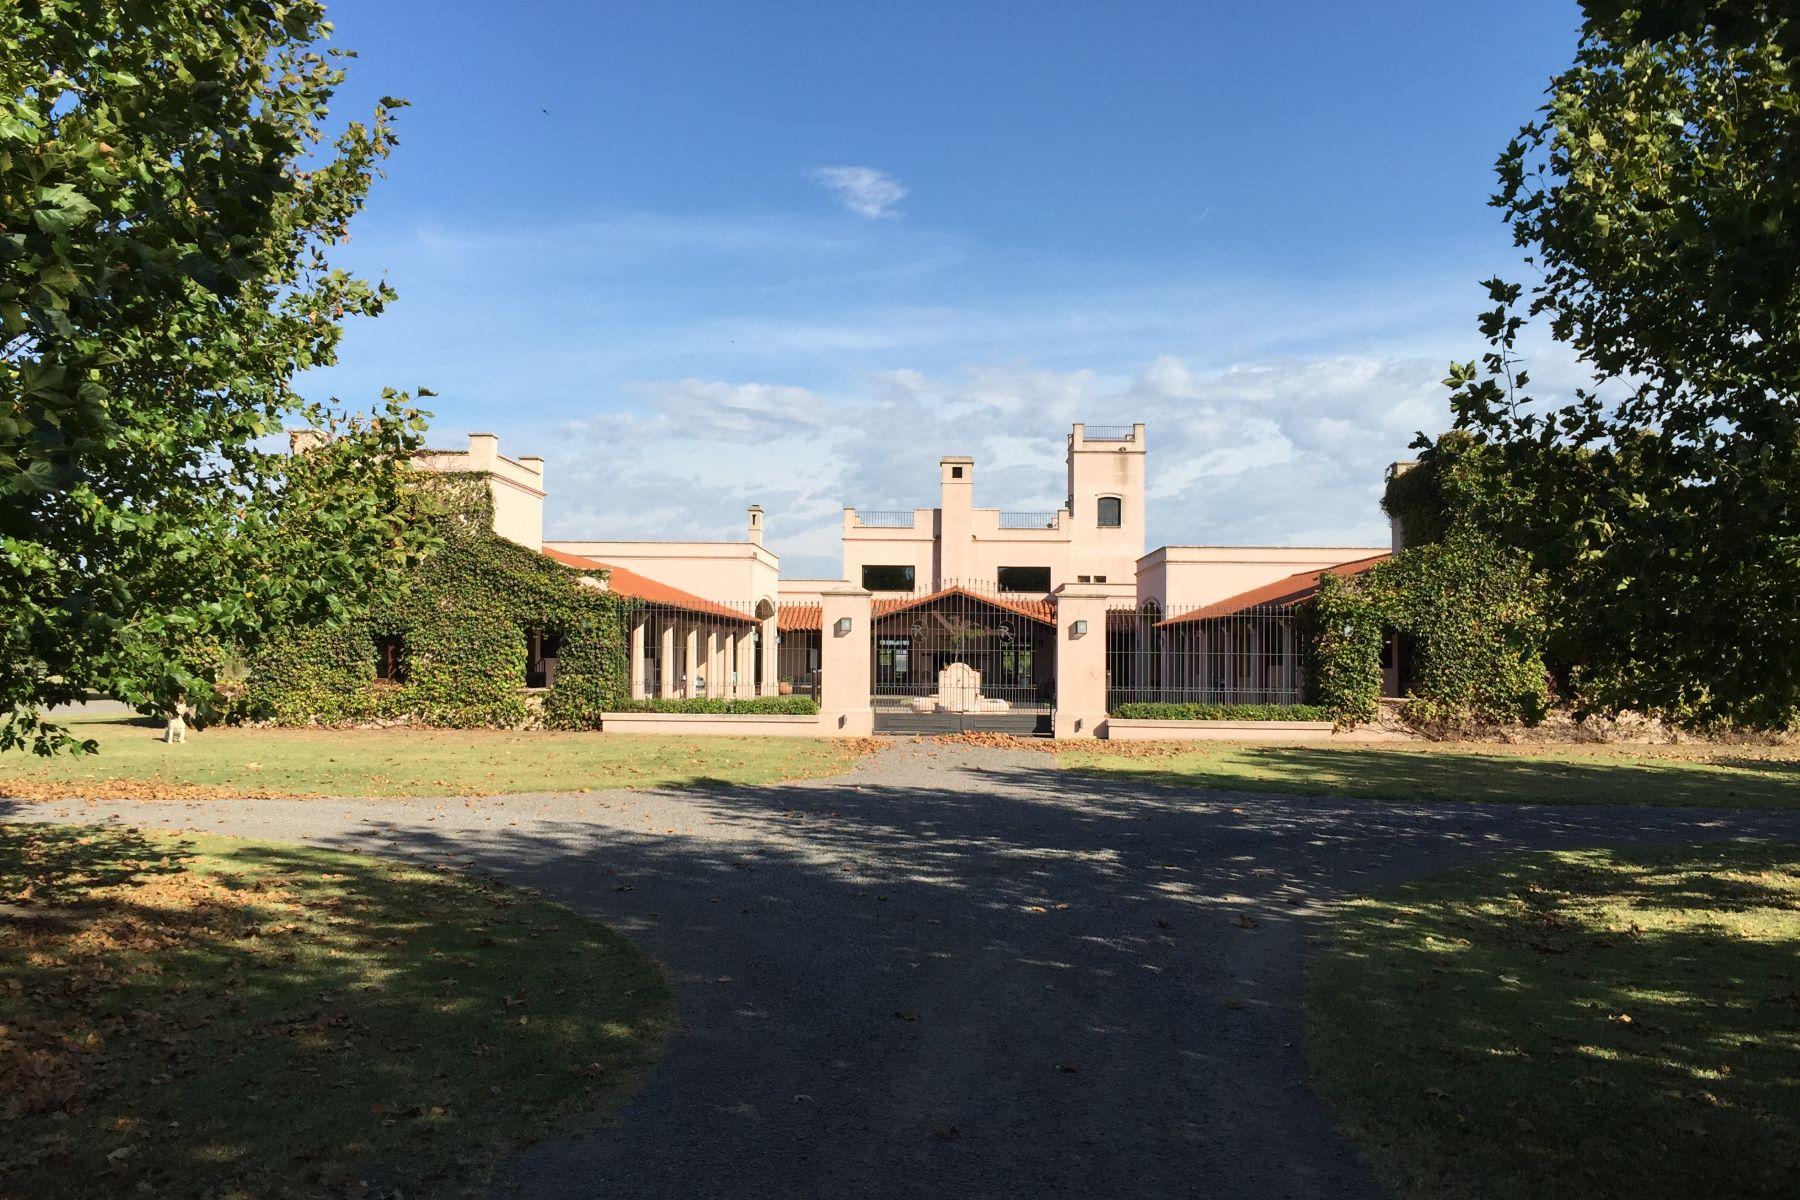 農場/牧場 / プランテーション のために 売買 アット Santa María de Lobos Polo Ranch Buenos Aires, ブエノスアイレス, アルゼンチン